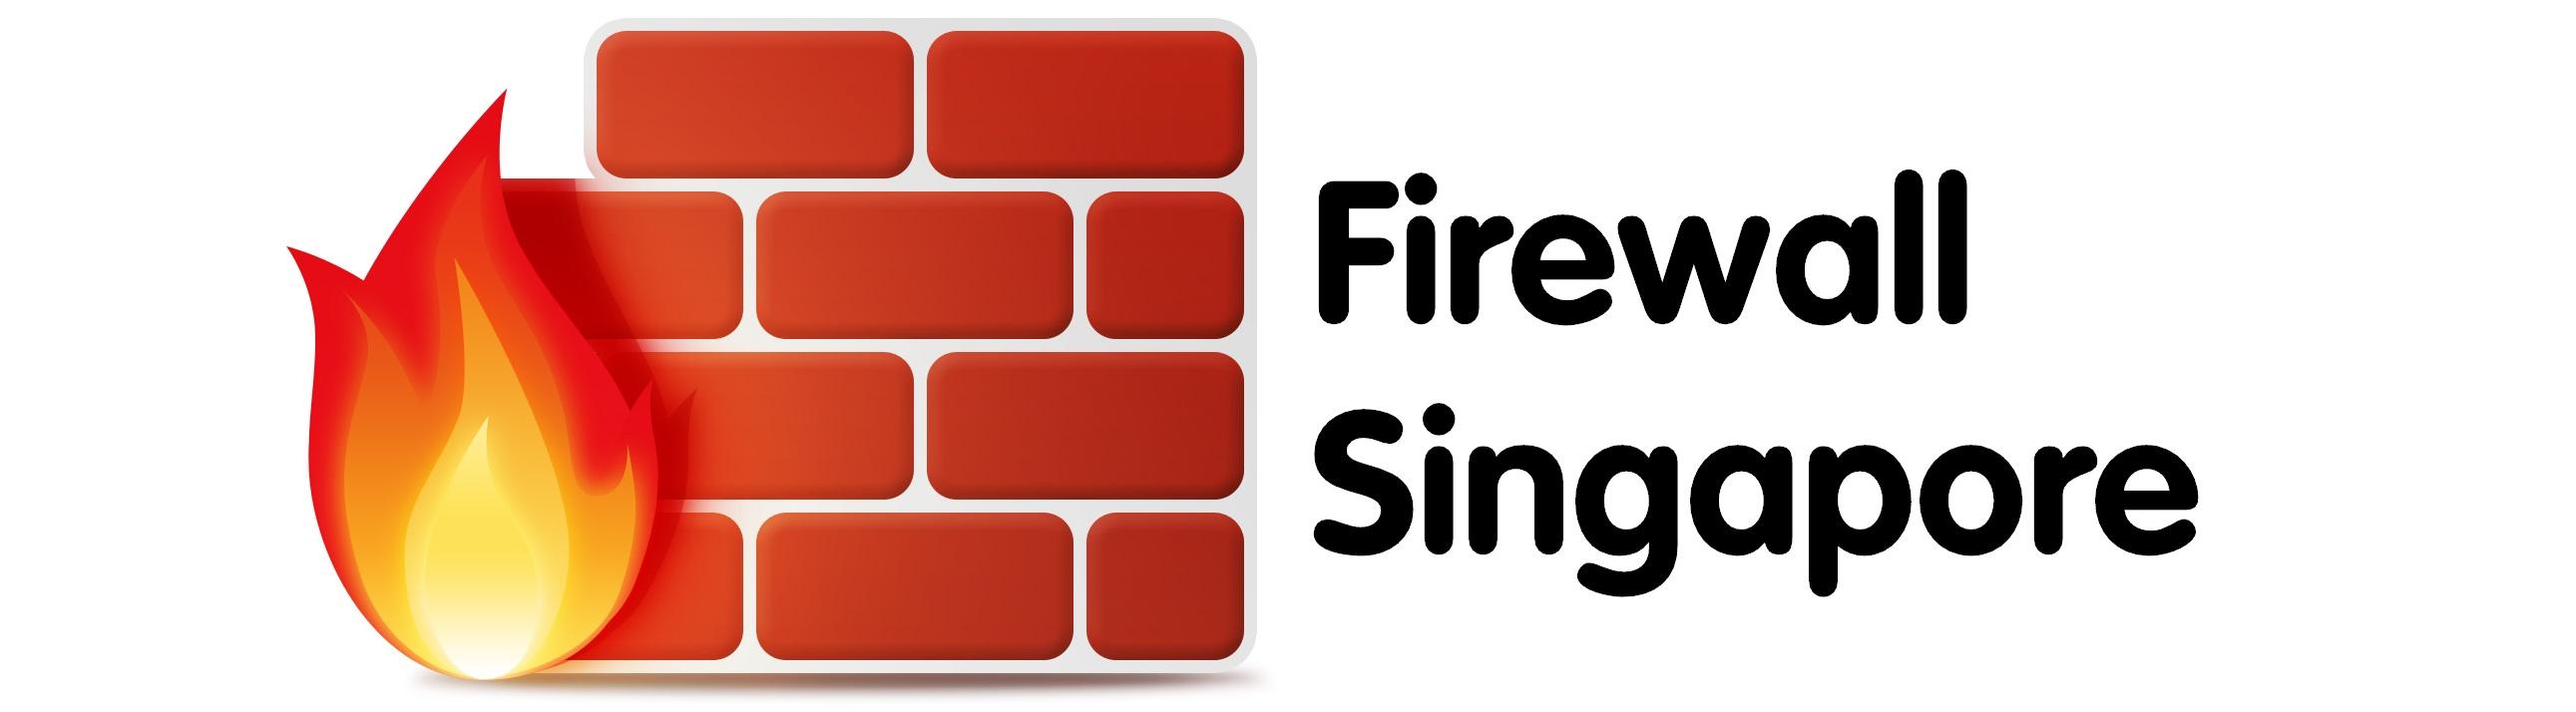 Firewall Singapore